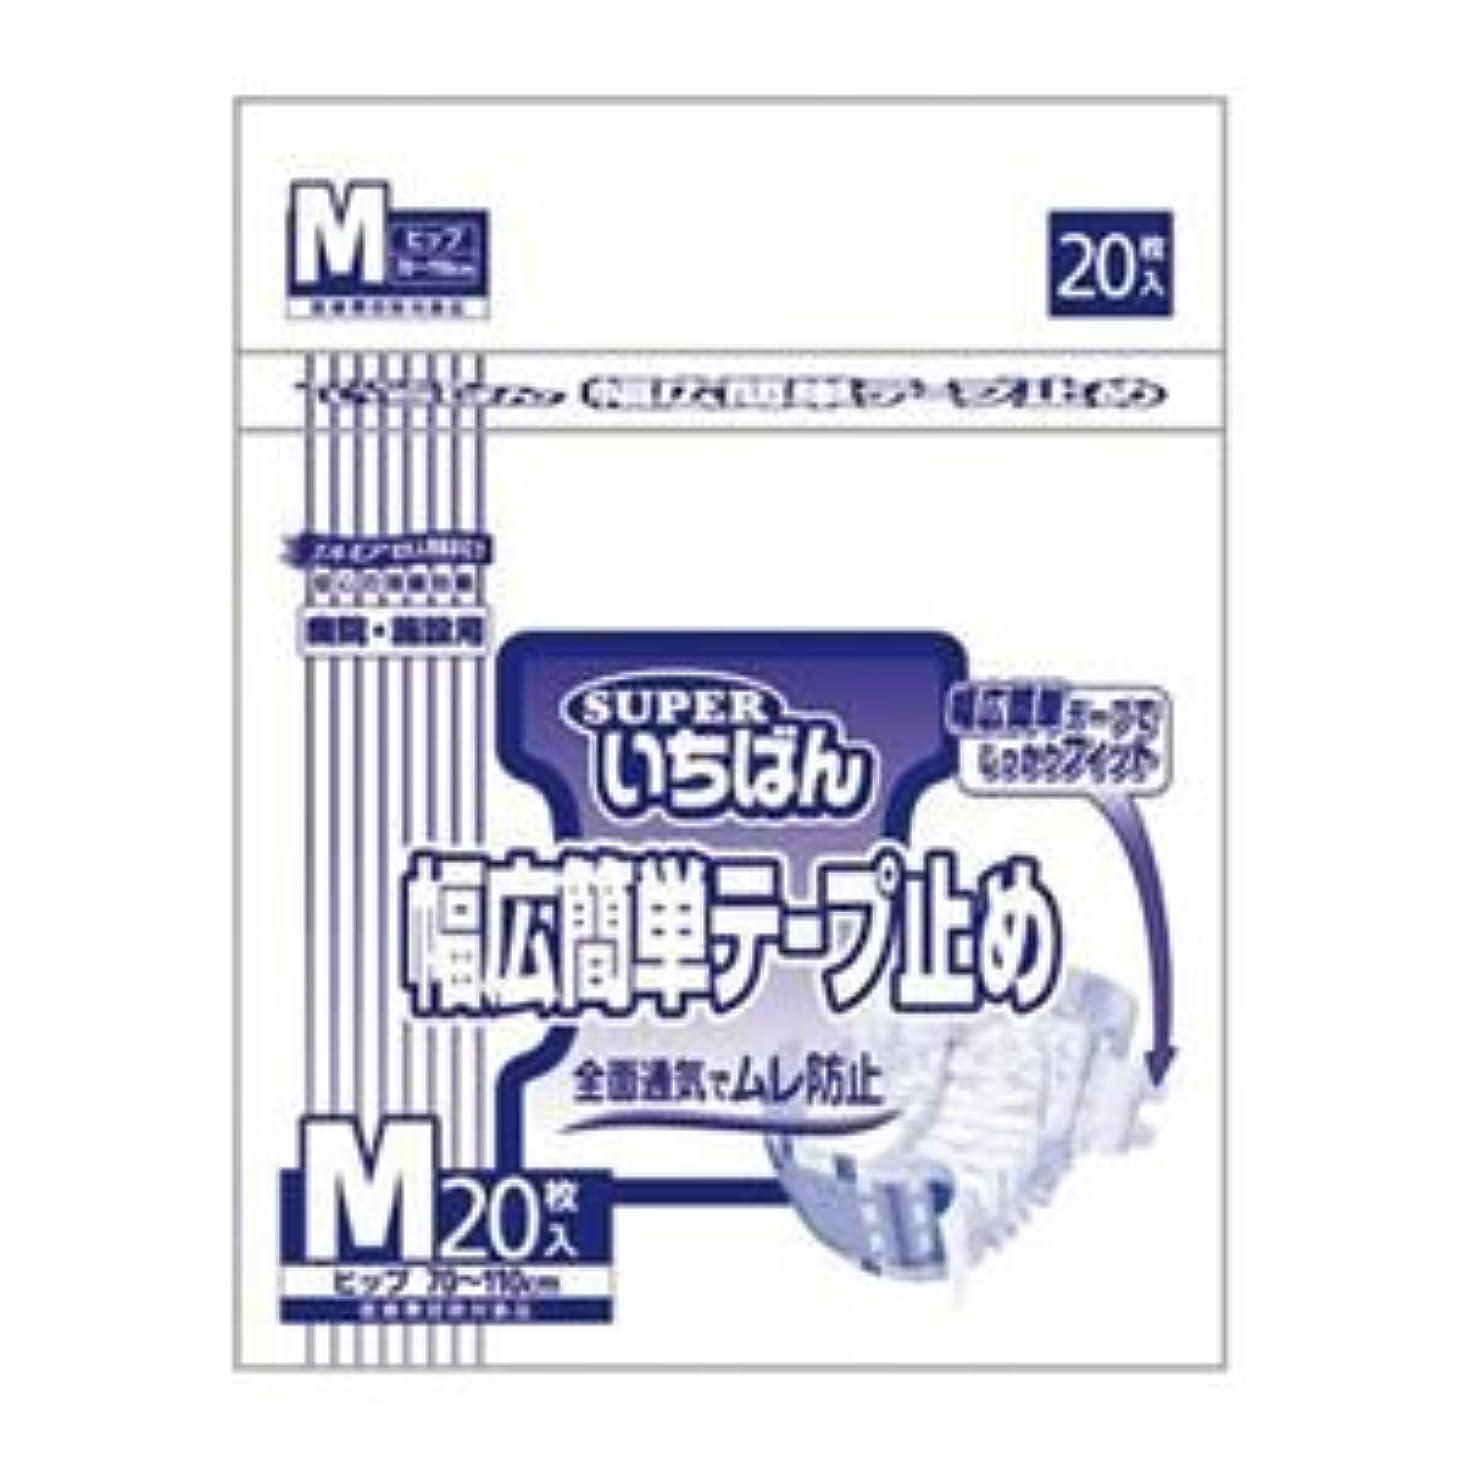 入る改修急性(業務用2セット) カミ商事 スーパーいちばん幅広簡単テープ止めM 20枚